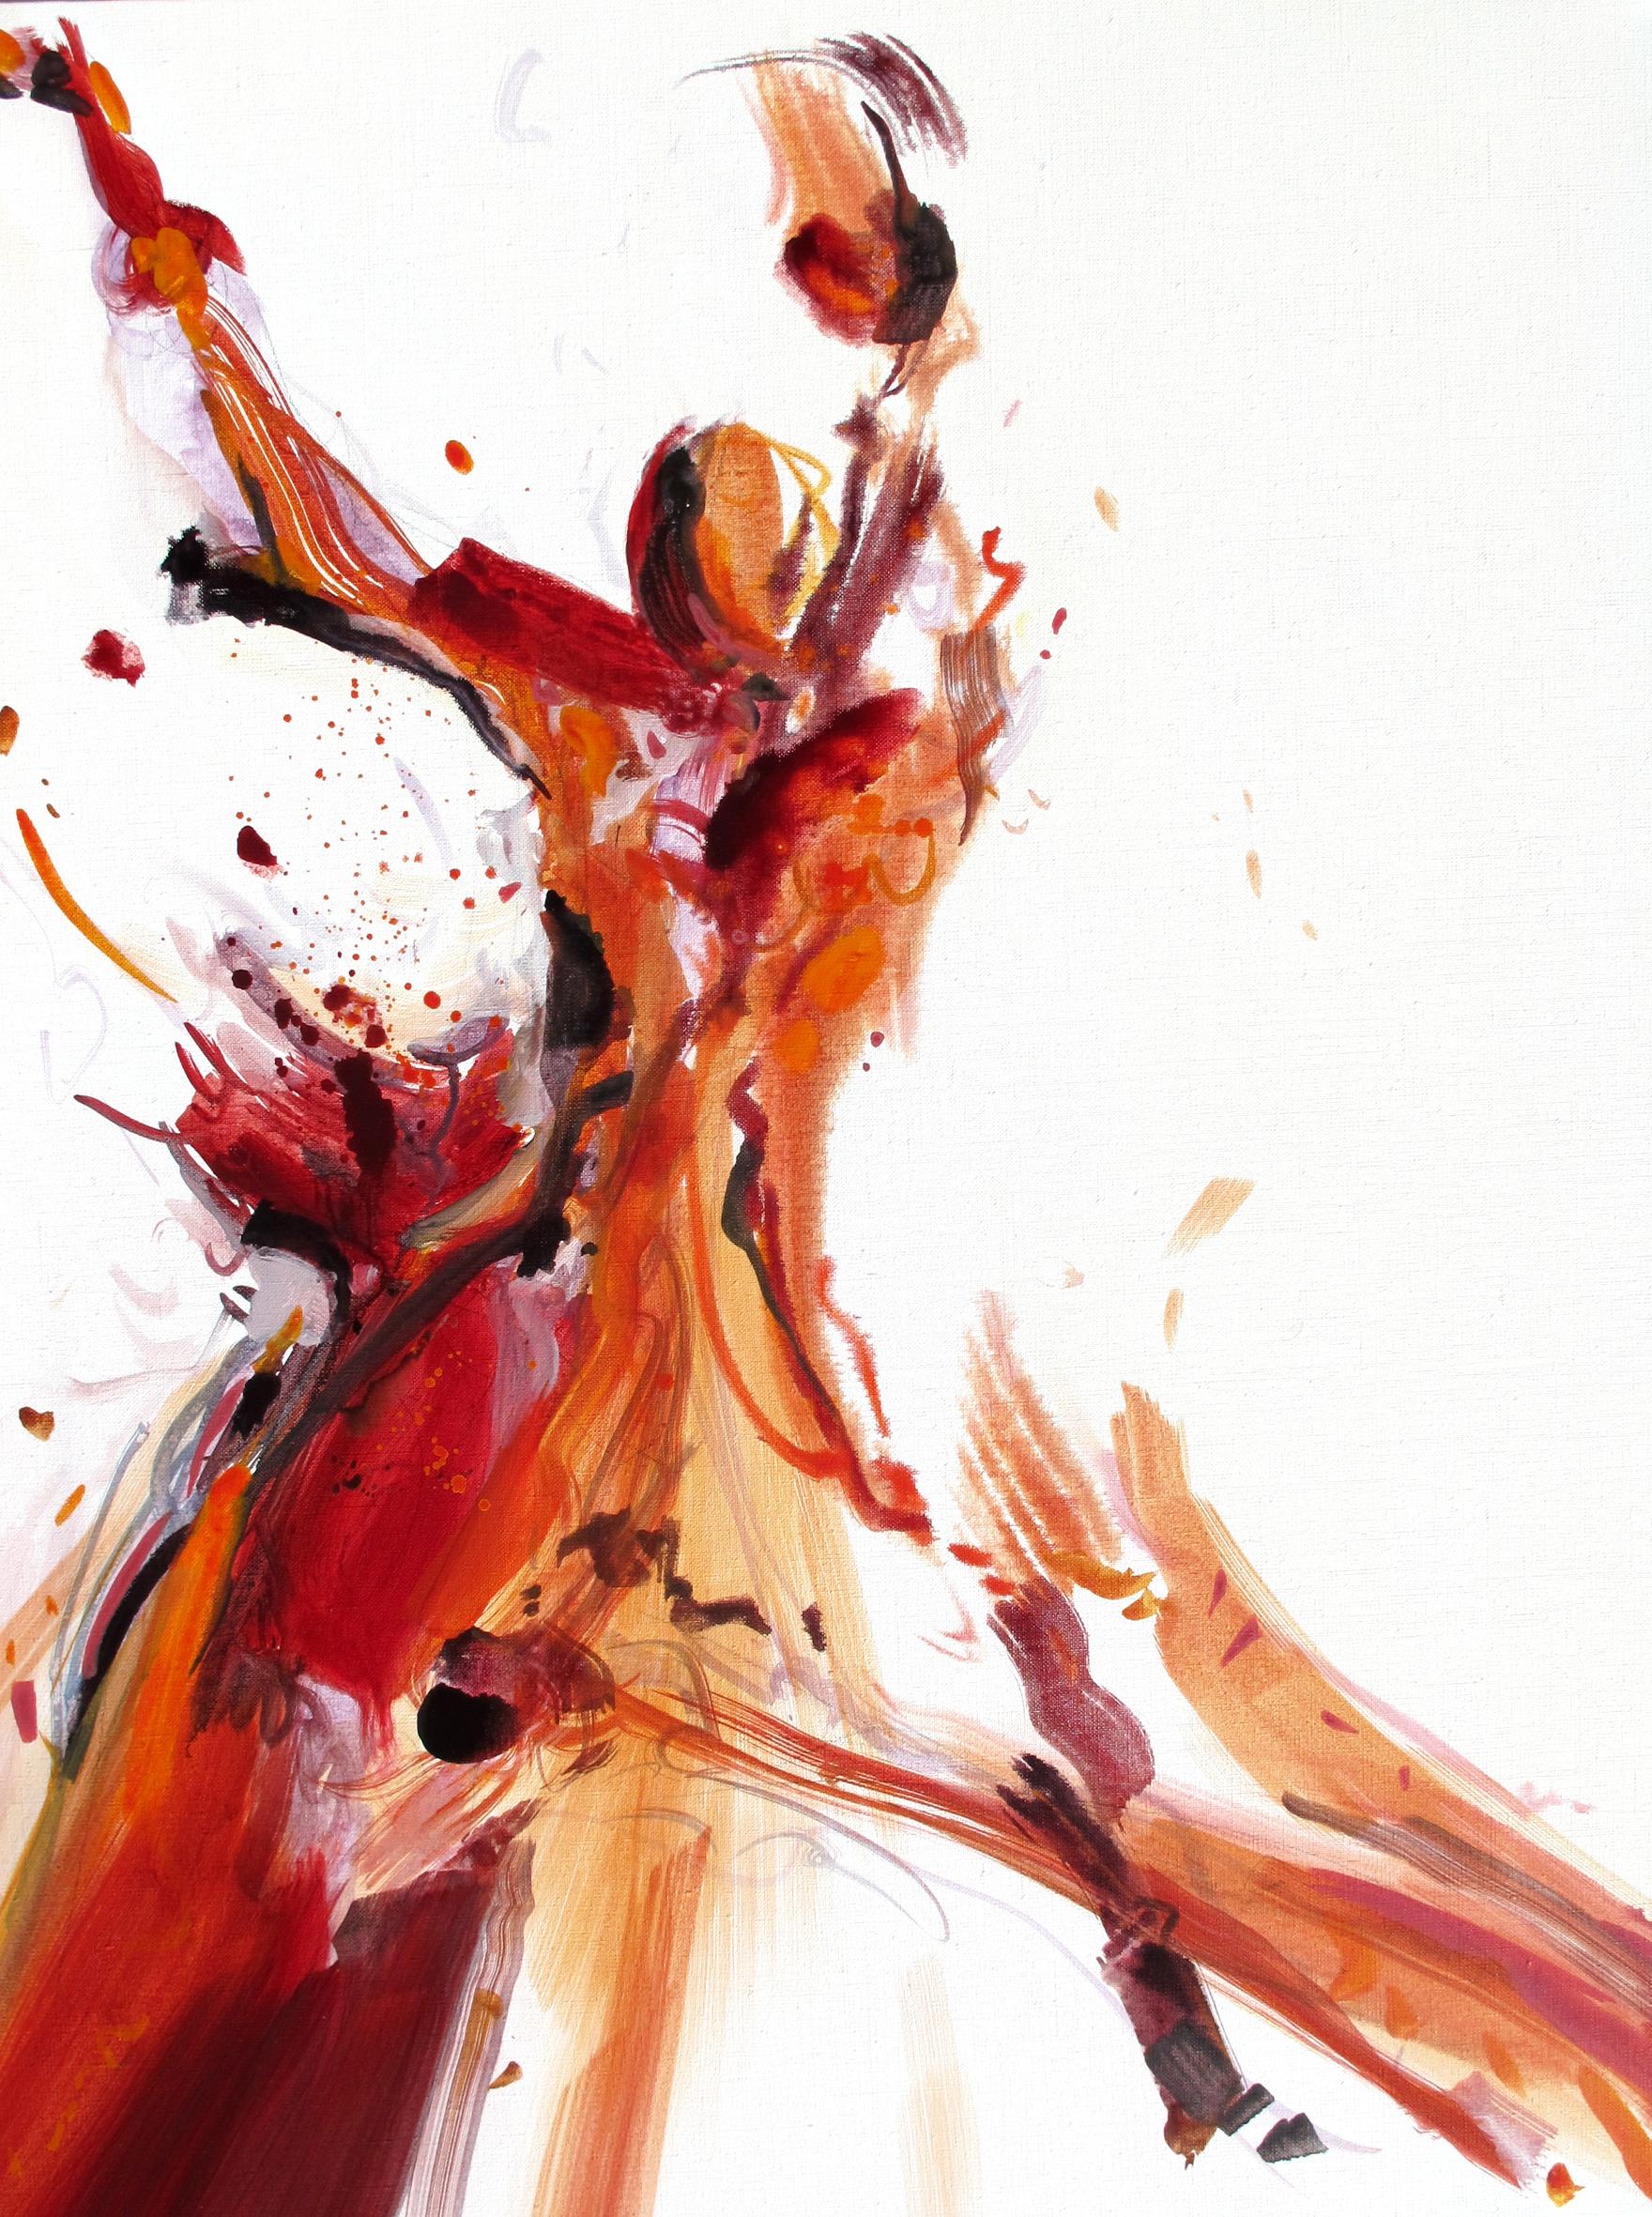 Entre Elle et Blanche n° A030519 - Acrylique sur toile - 92 x 73 cm